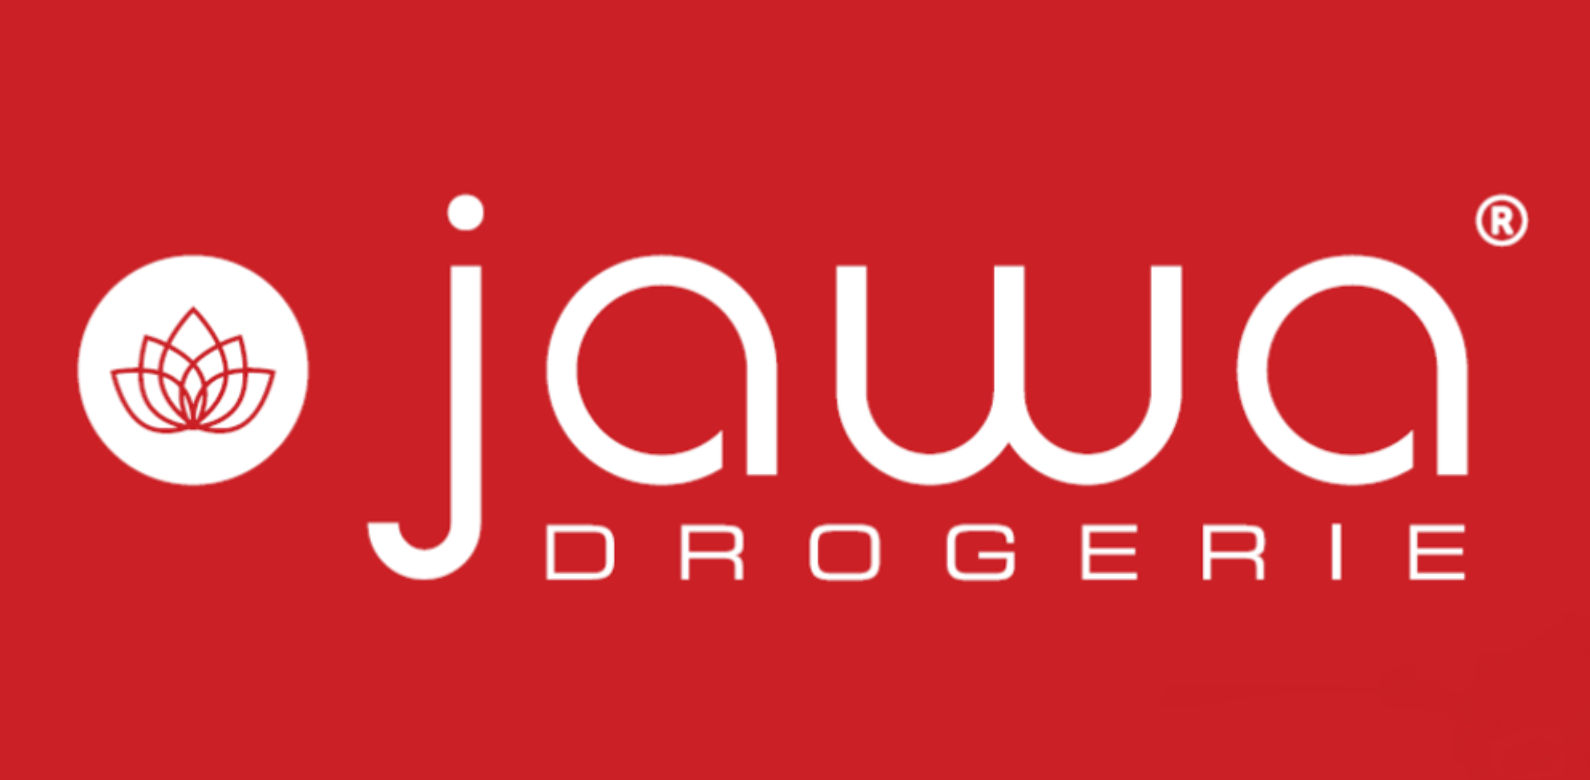 Nowa drogeria Jawa w Sędziszowie